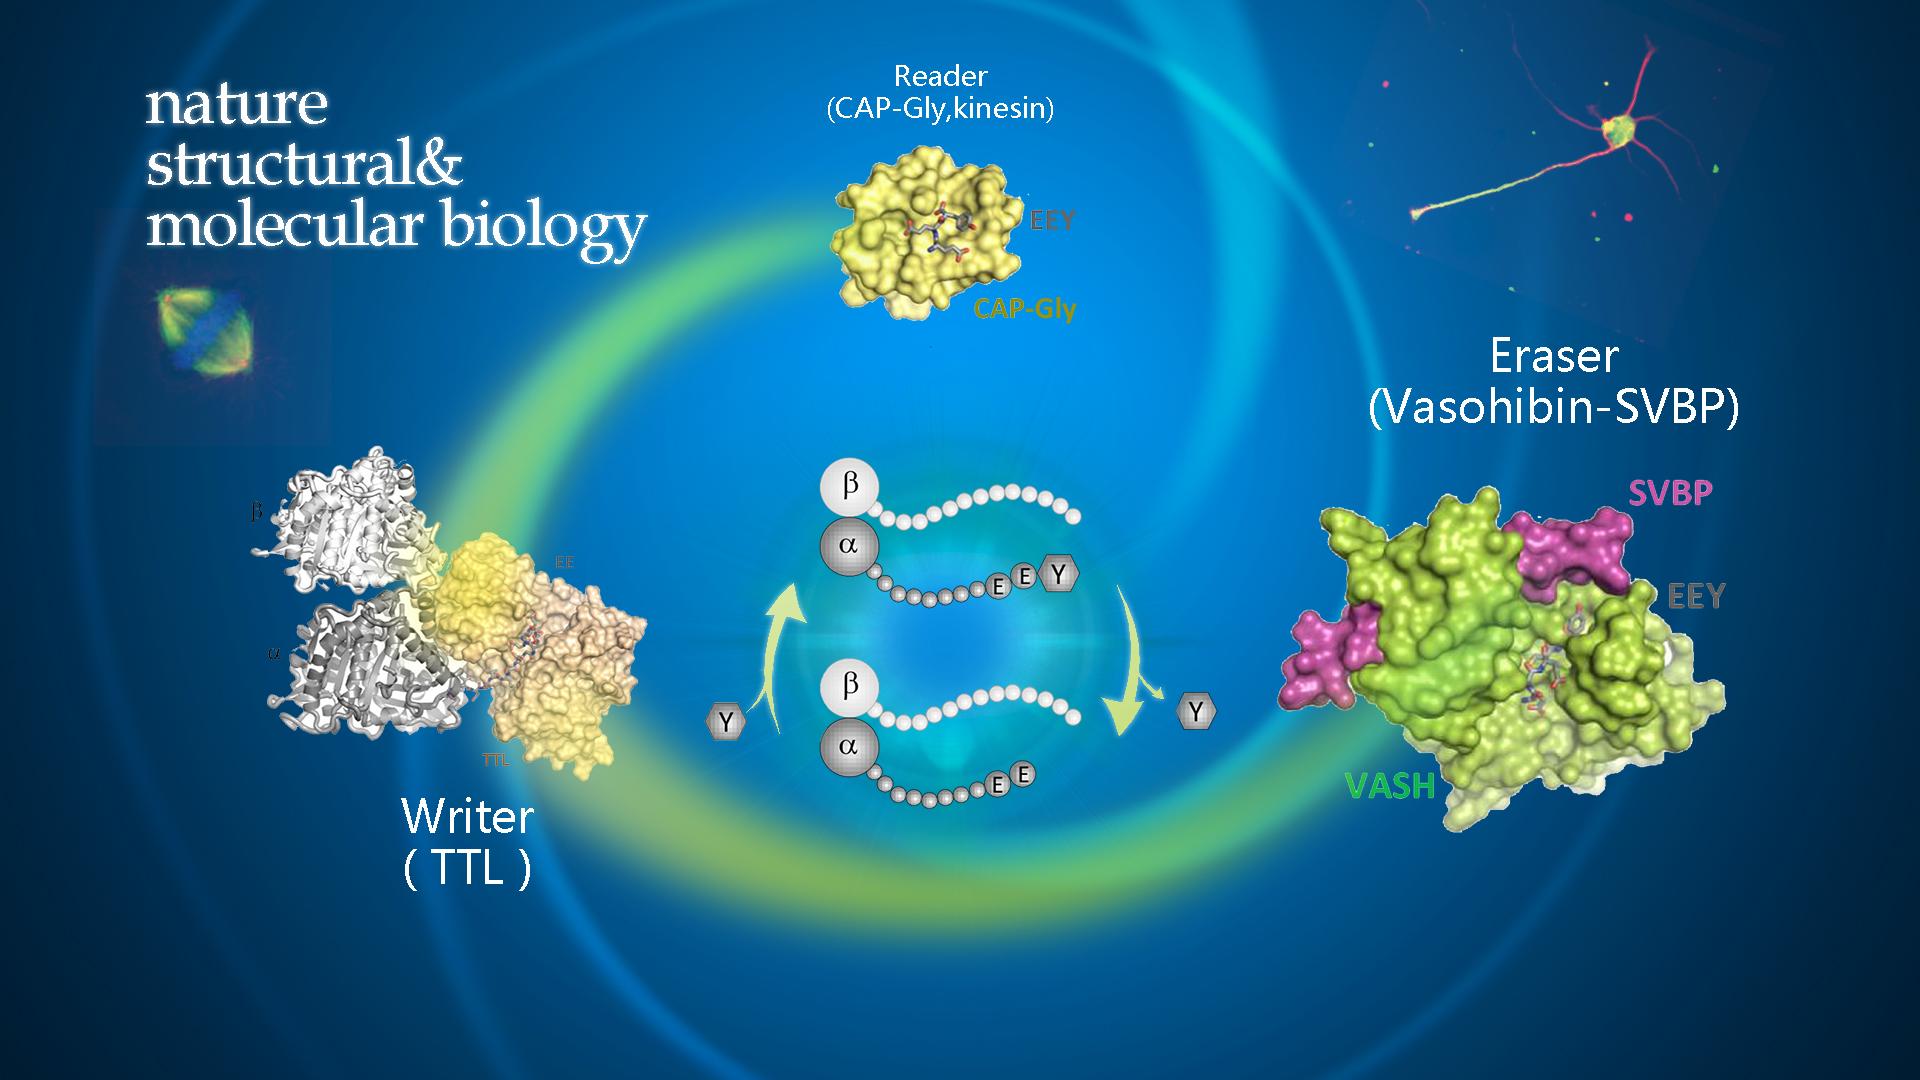 南科大生物系黄鸿达课题组发表VASH2-SVBP进行微管去酪氨酸化分子机制研究成果